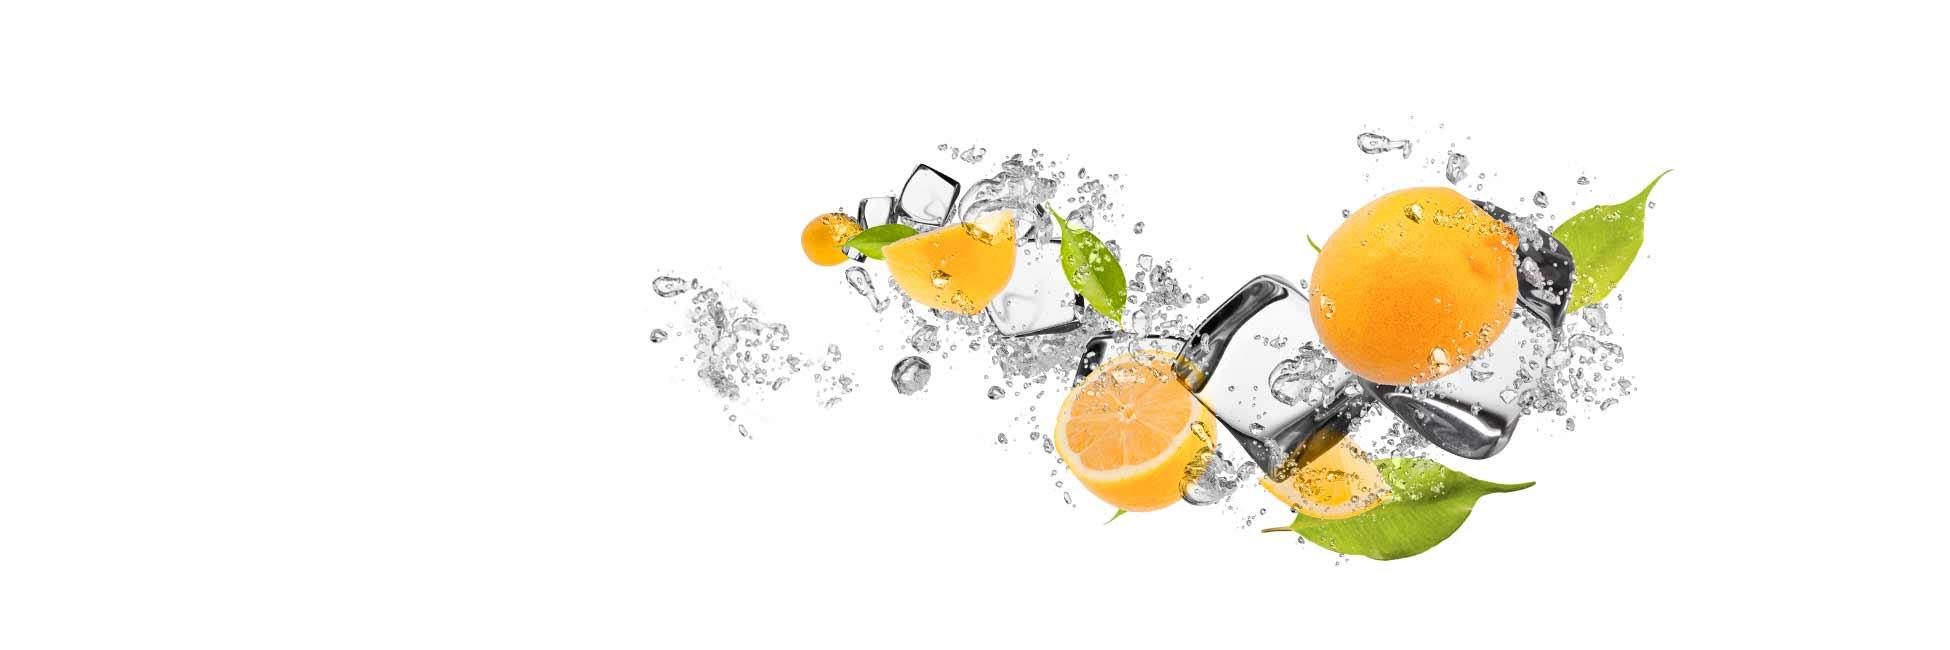 freschezza-bevande-arnone-